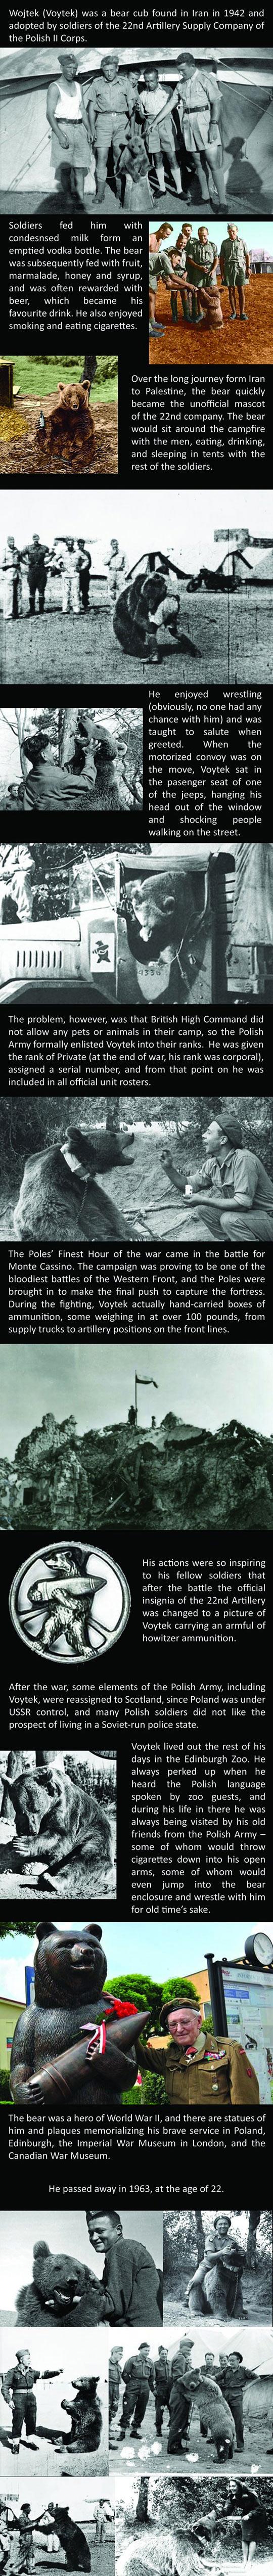 army-bear-Voytek-Polish